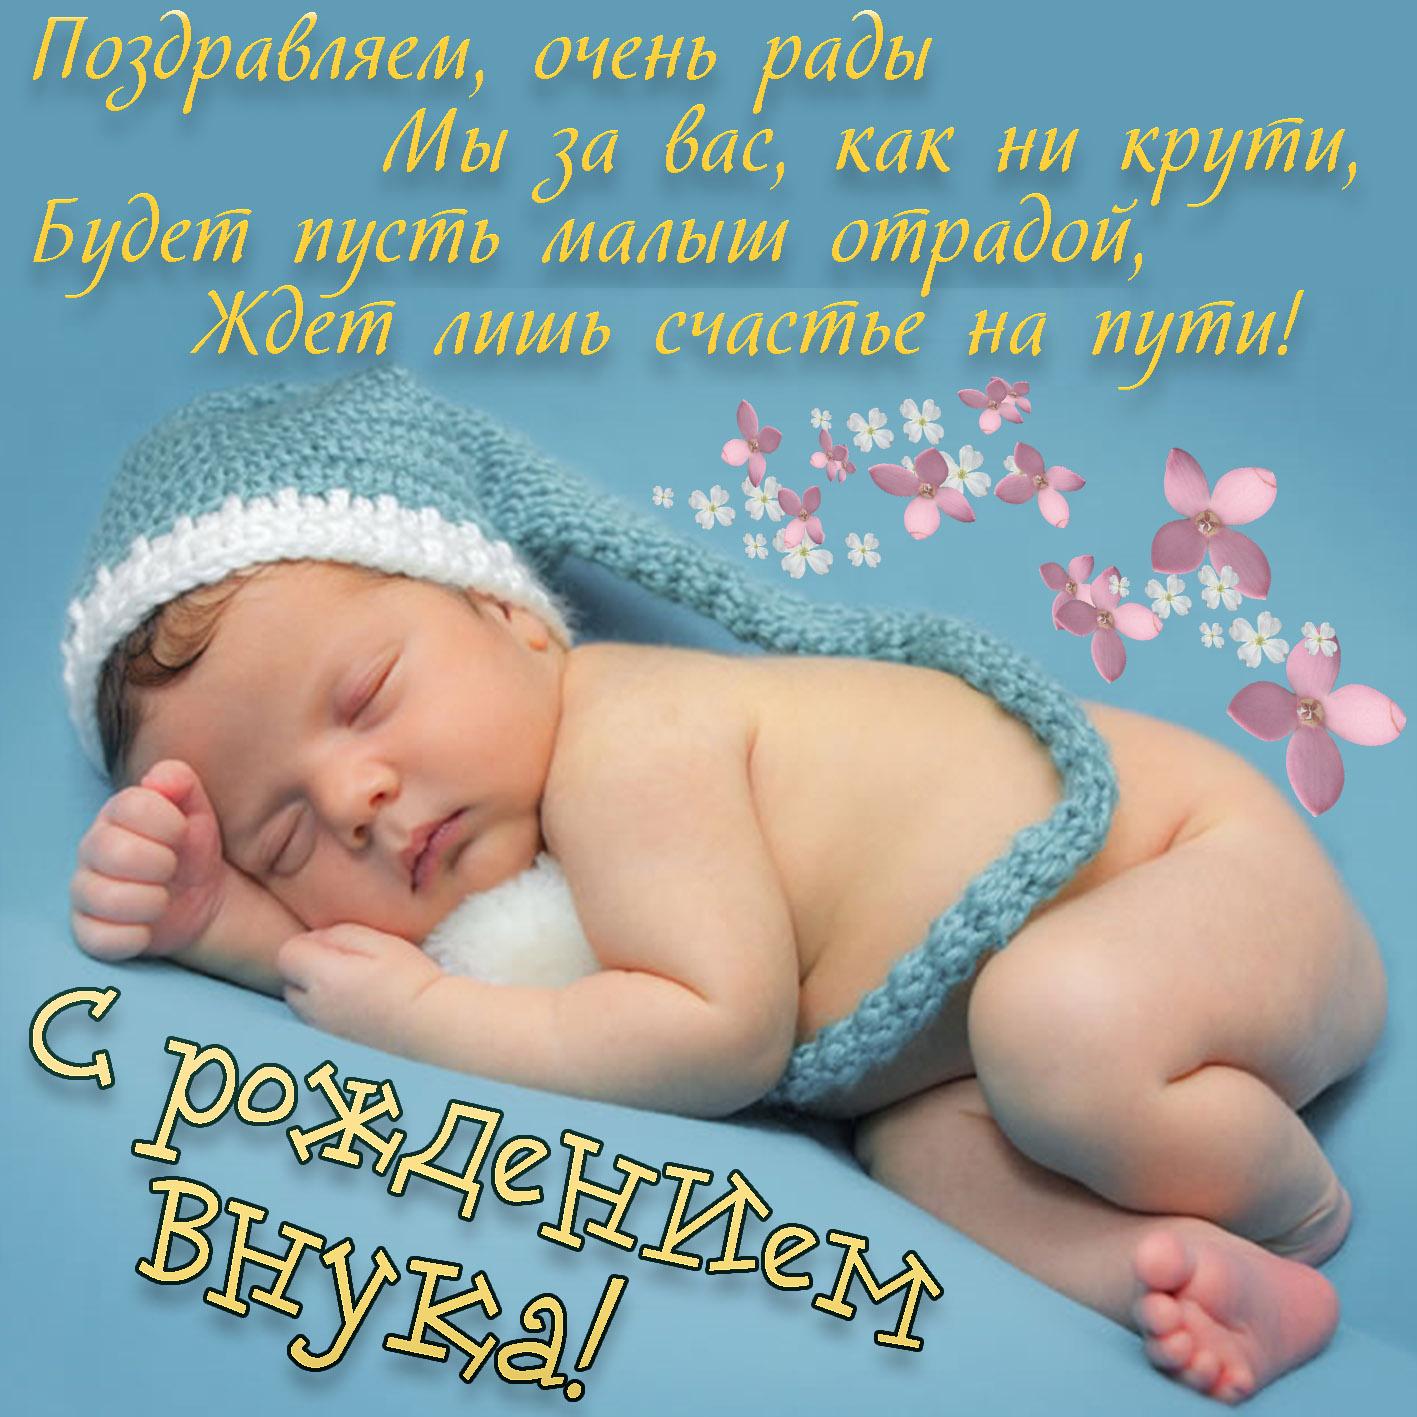 Днем, открытки о рождении внука